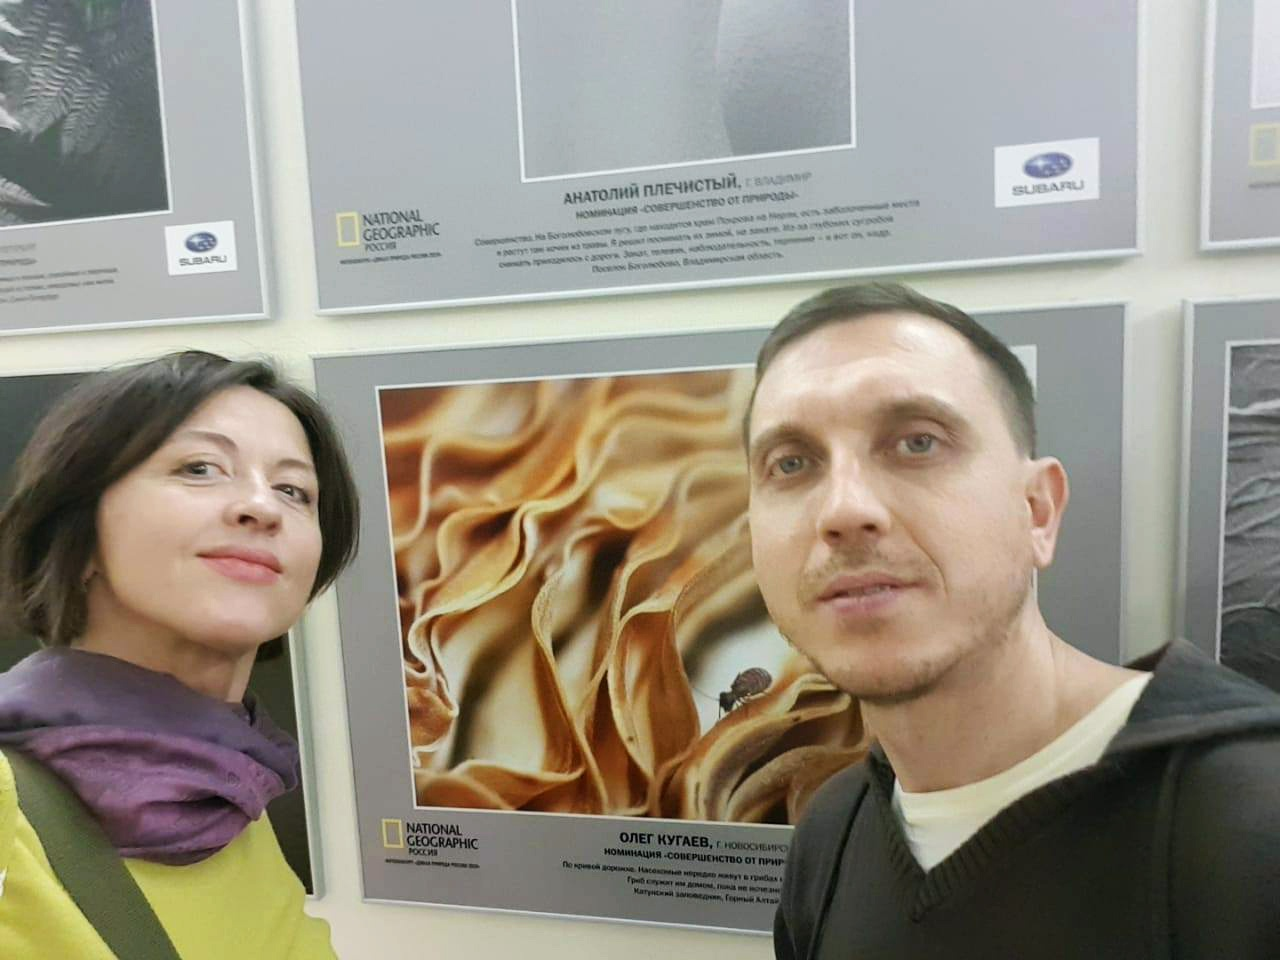 После церемонии награждения в Москве открылась и выставка